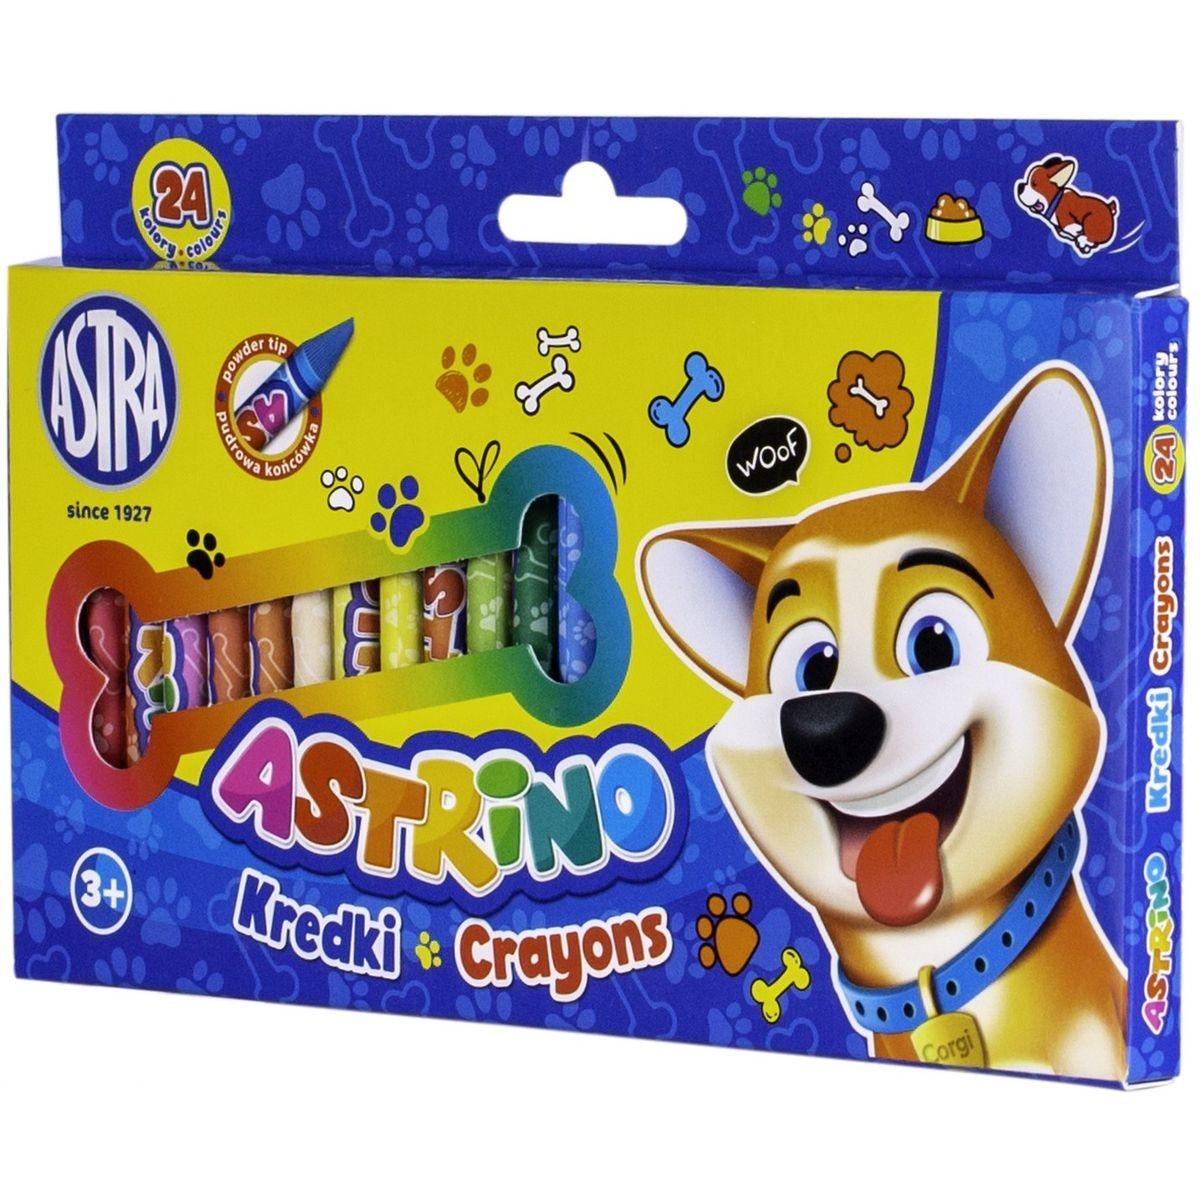 Kredki świecowe Astrino grafionowe, 24 kolory (316121002)